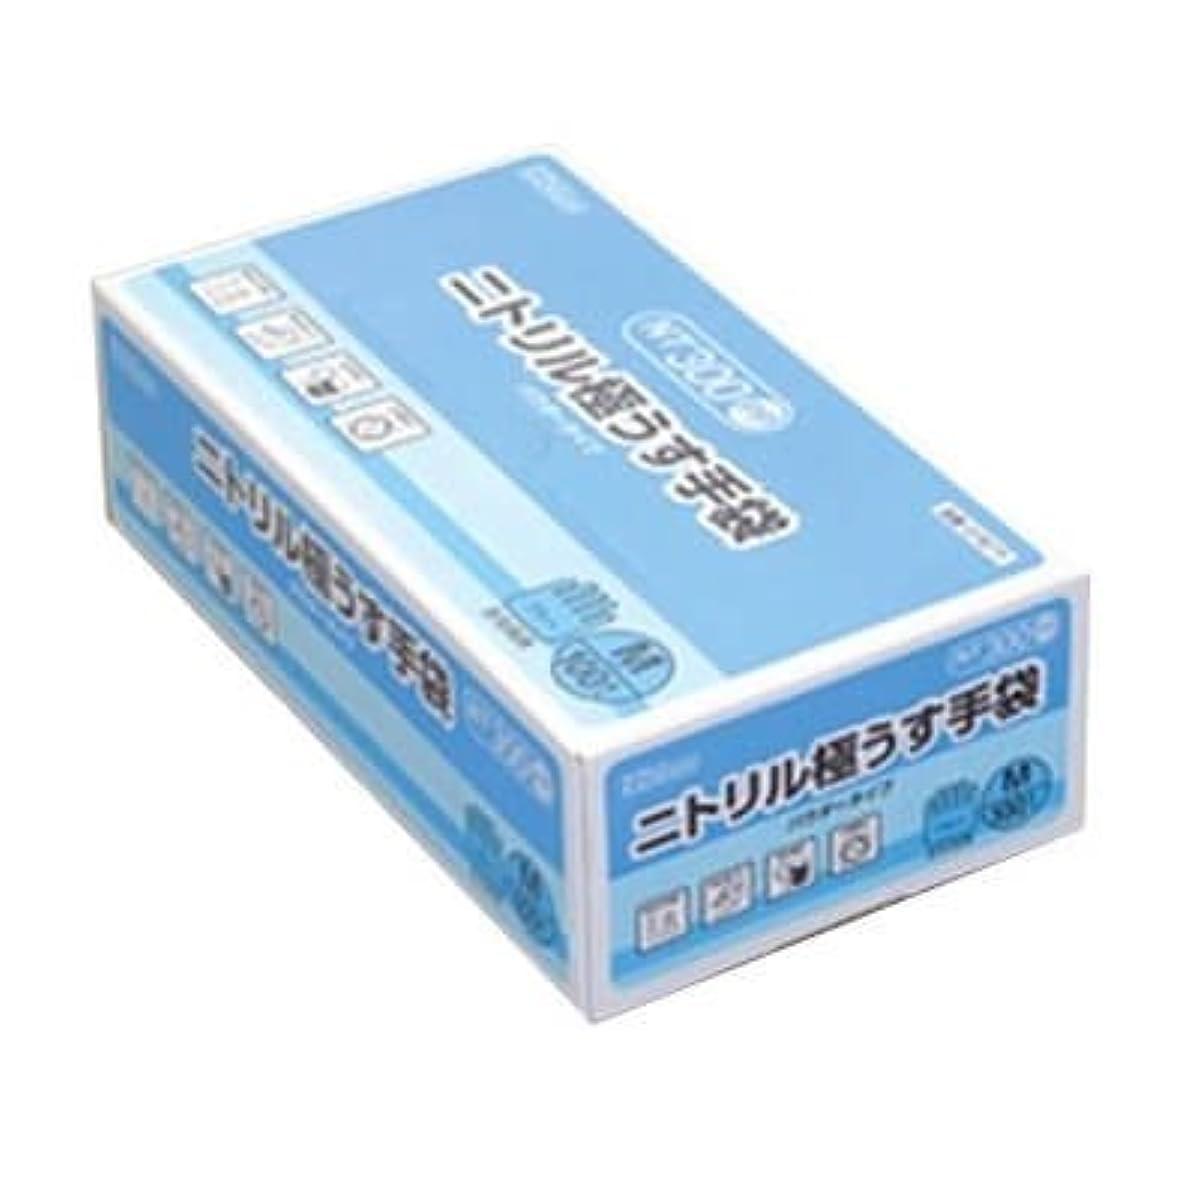 ジェーンオースティン補助金泥【ケース販売】 ダンロップ ニトリル極うす手袋 粉付 M ブルー NT-300 (100枚入×20箱)